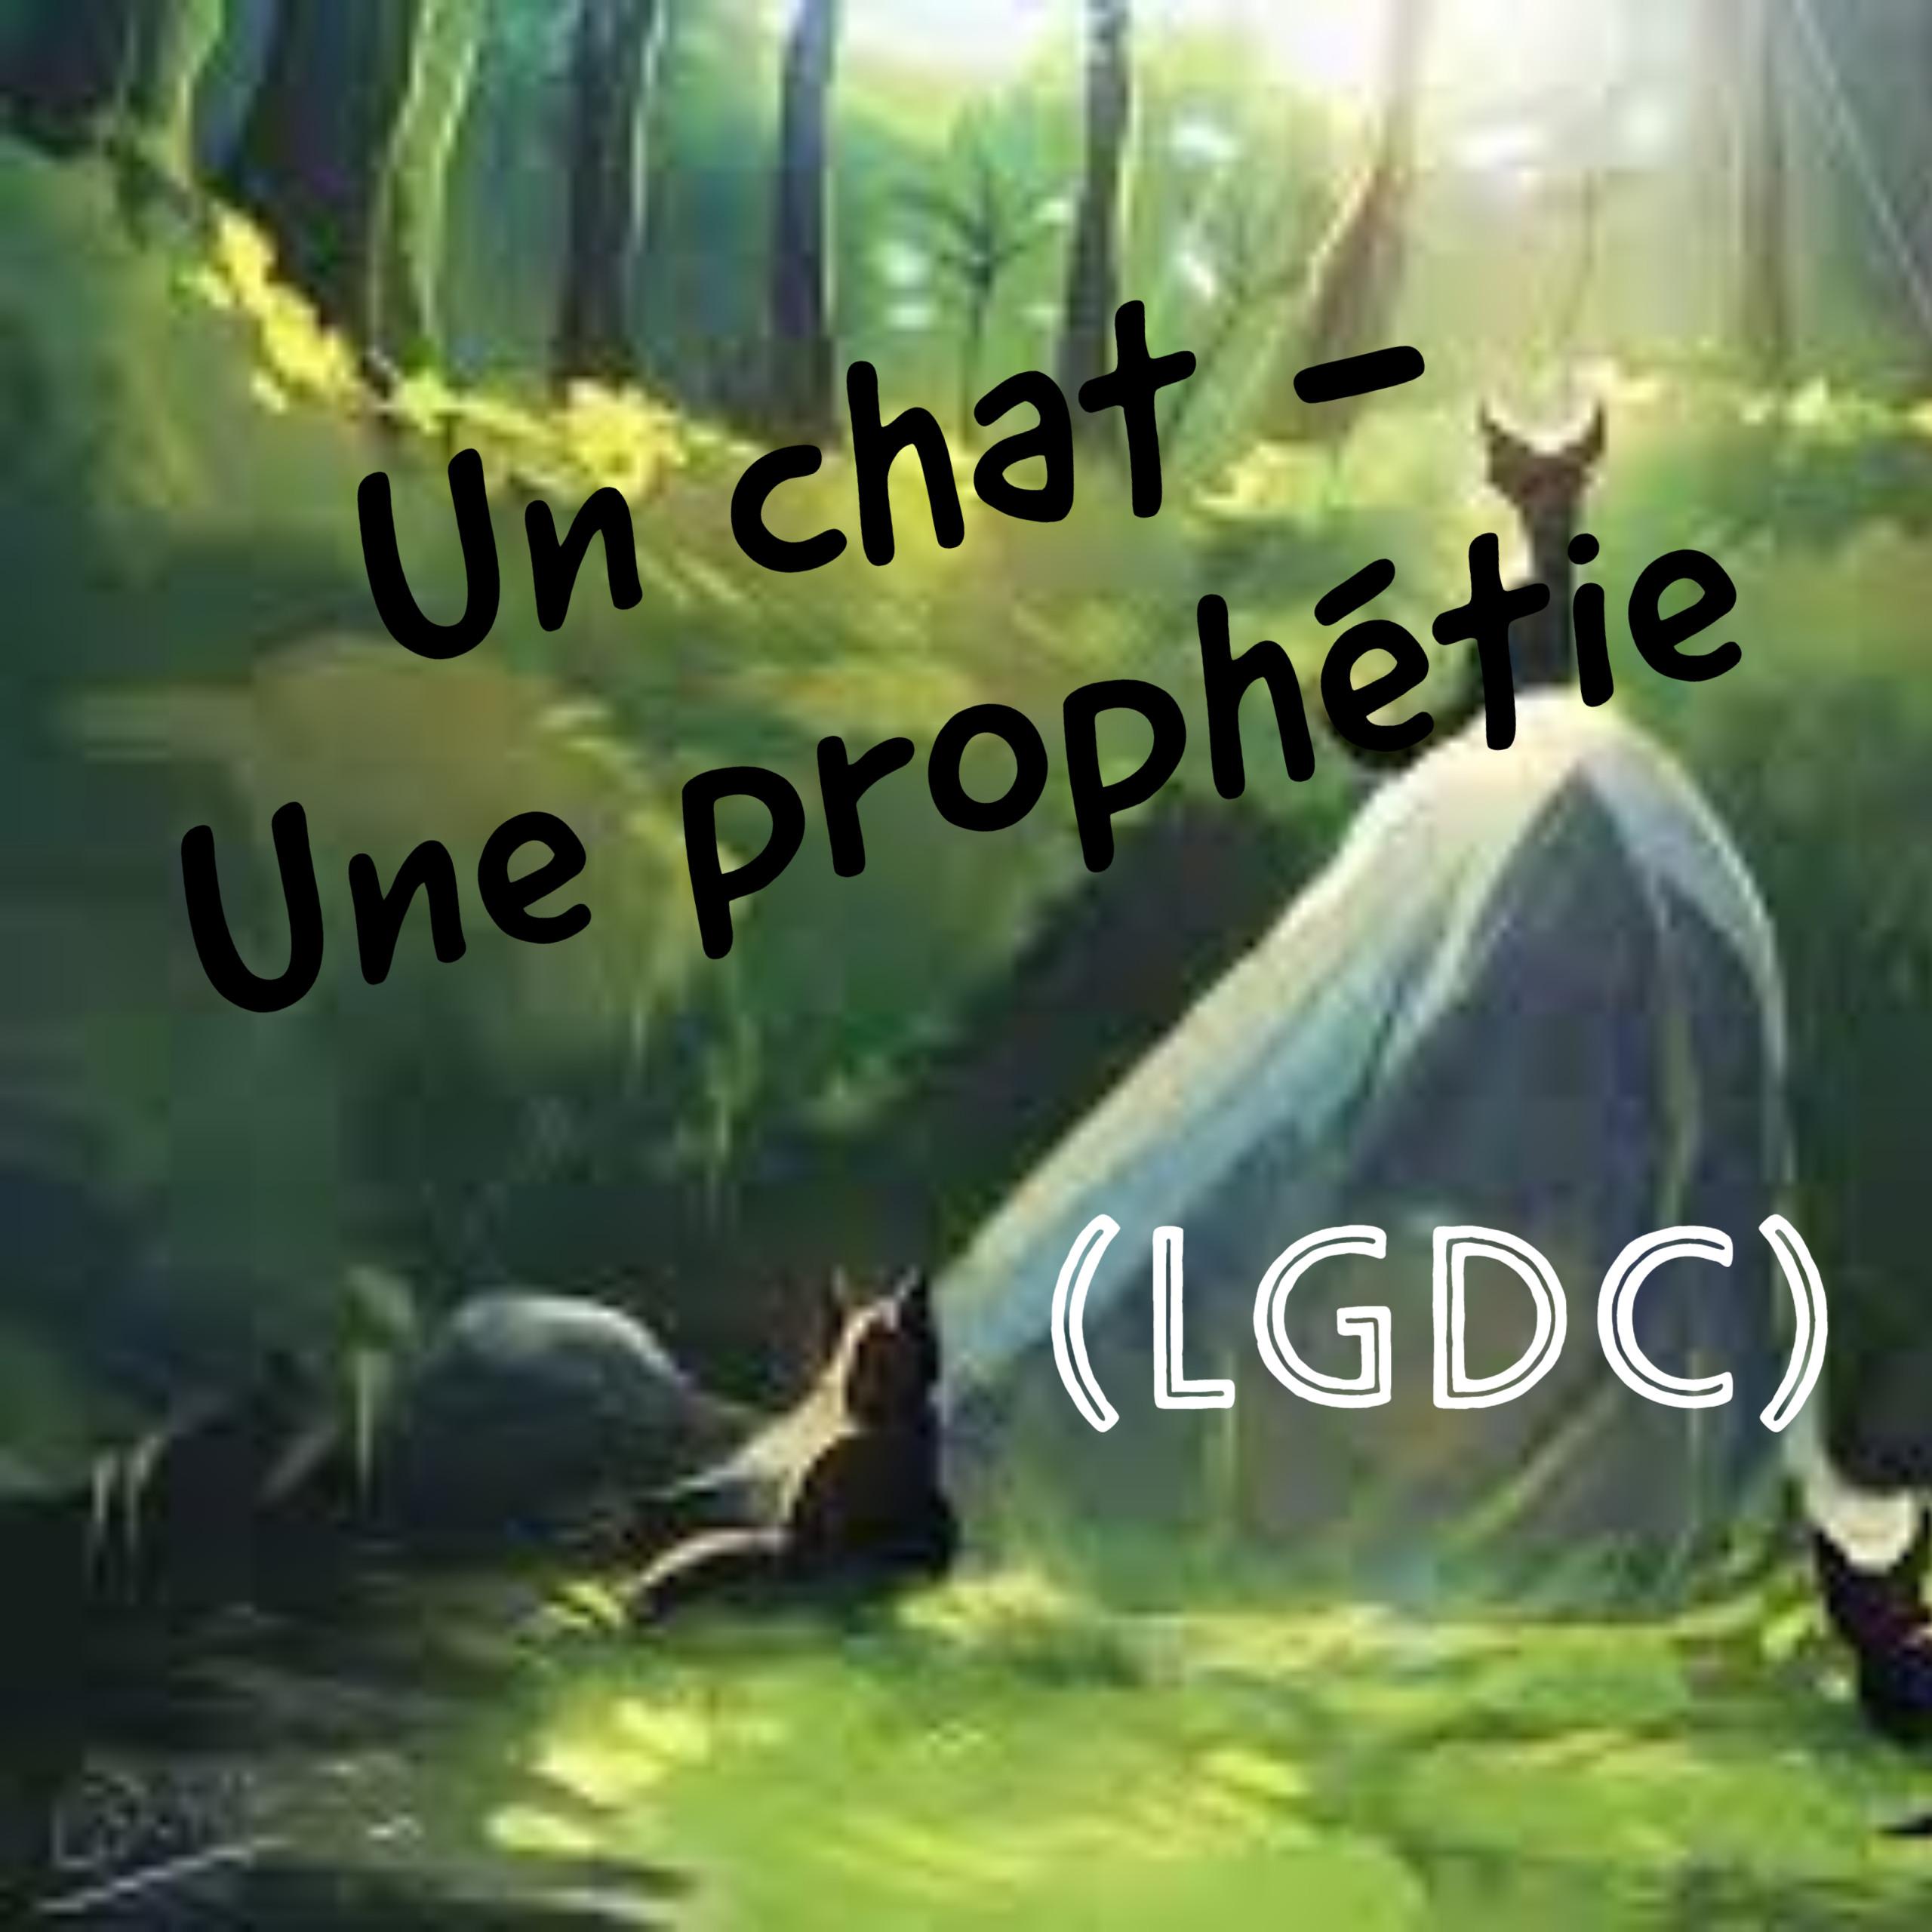 Un chat - Une prophétie (LGDC)